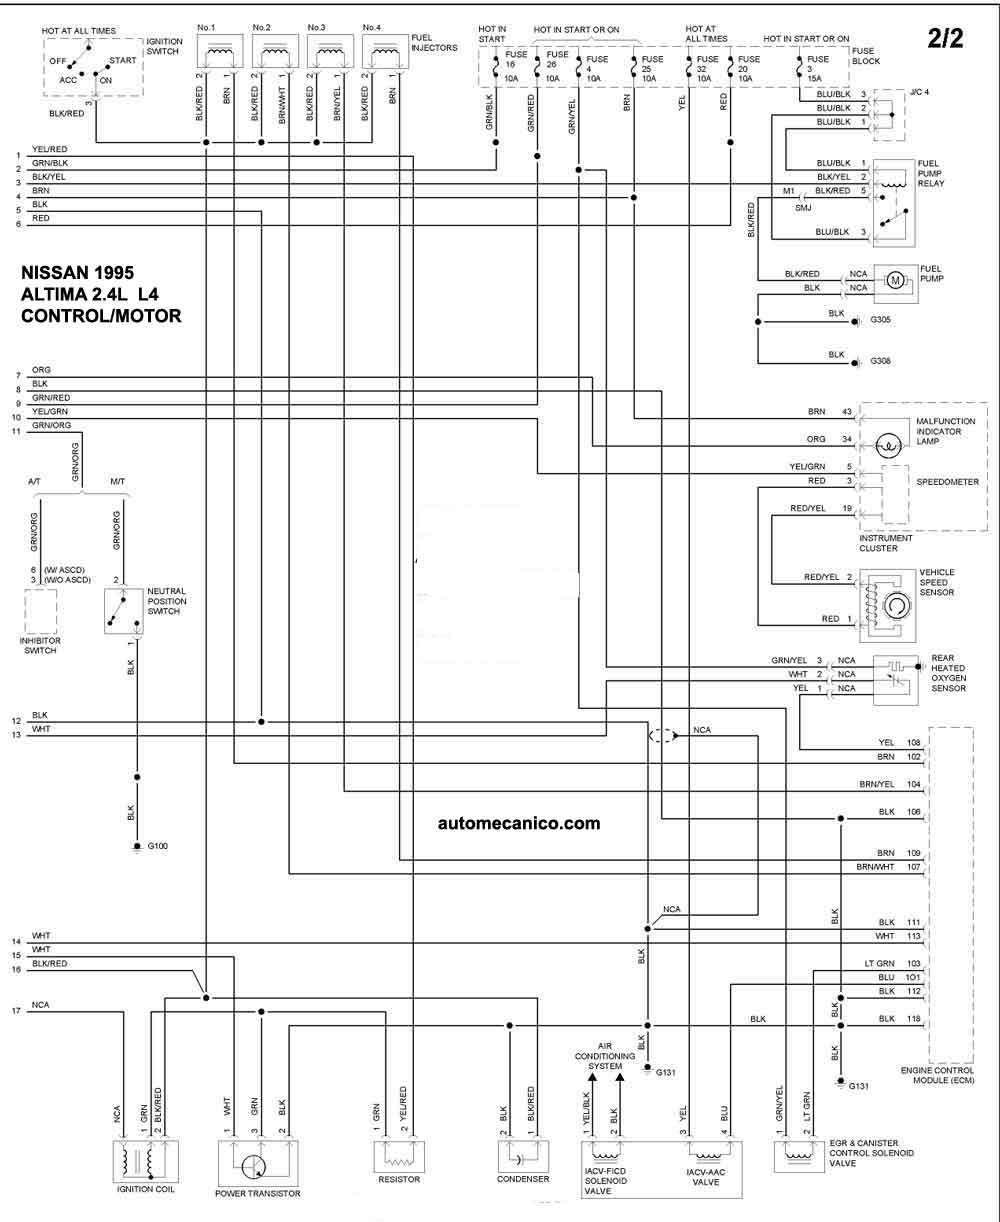 Nissan 1995 - Diagramas Control Del Motor